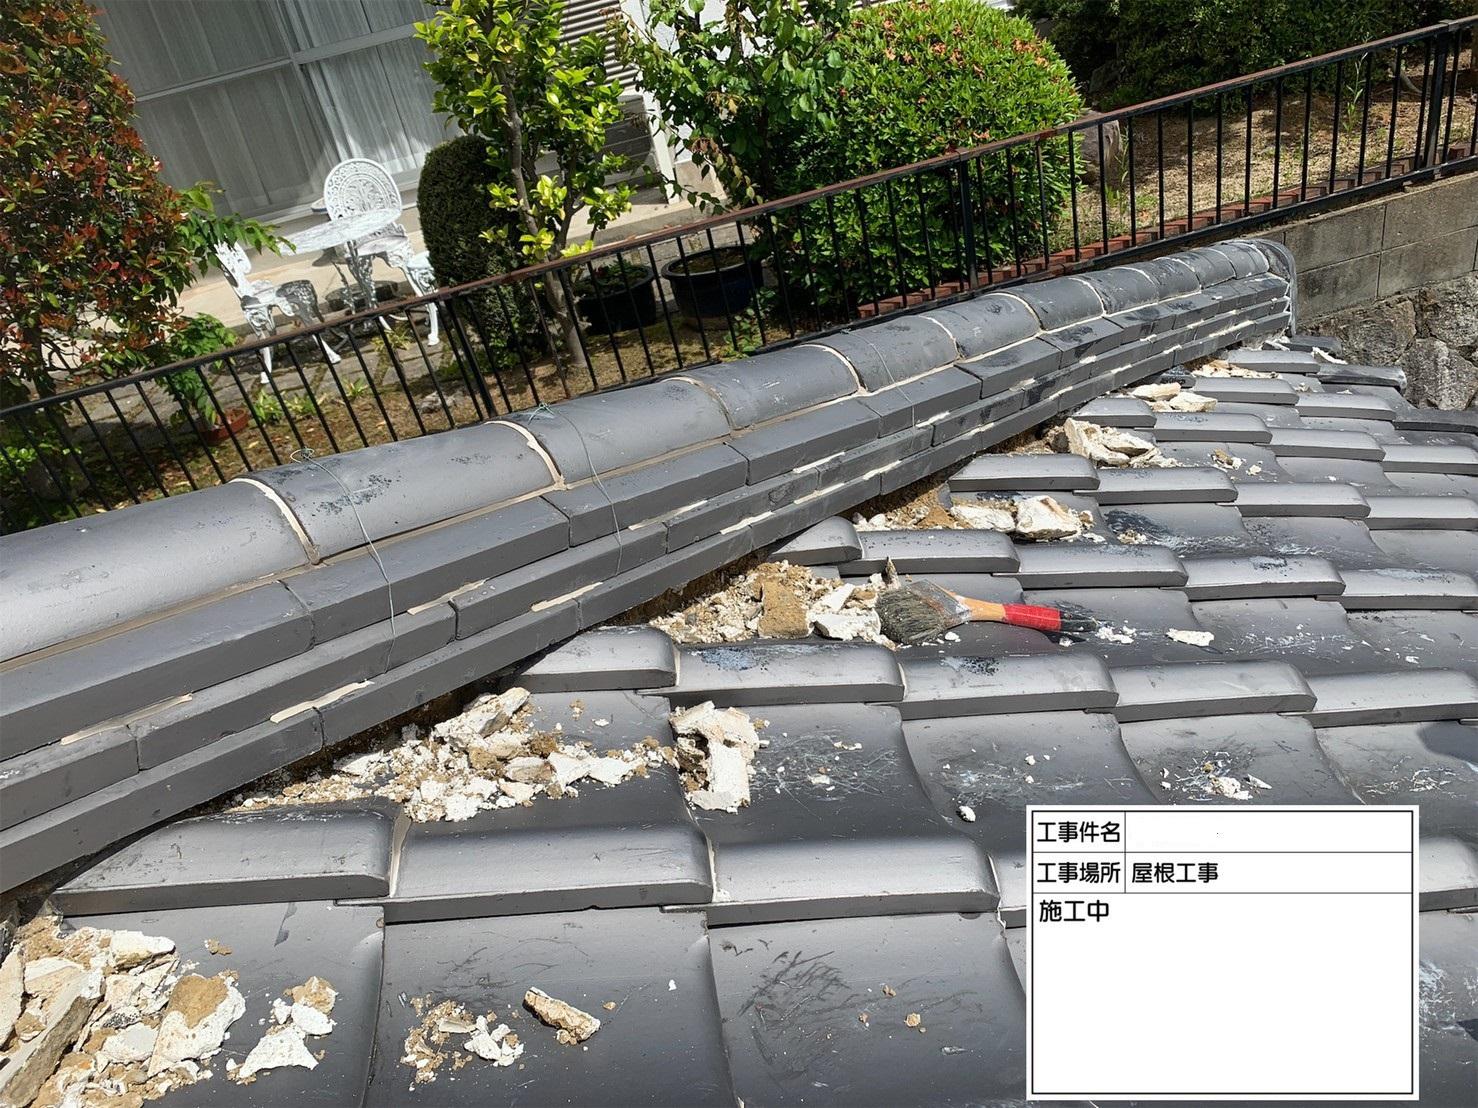 瓦屋根の漆喰を塗り替えるために既存の漆喰を撤去している様子